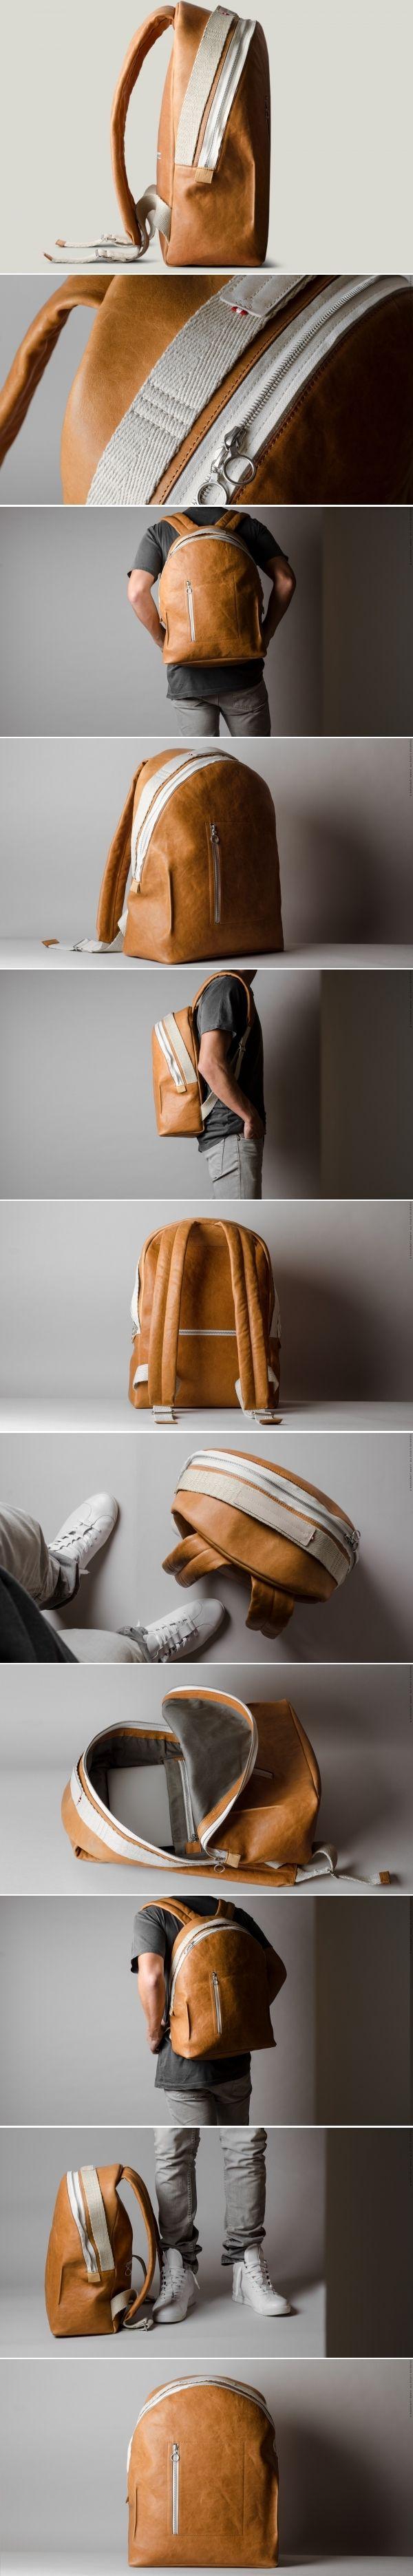 364 best bag images on pinterest backpacks bag design and bags